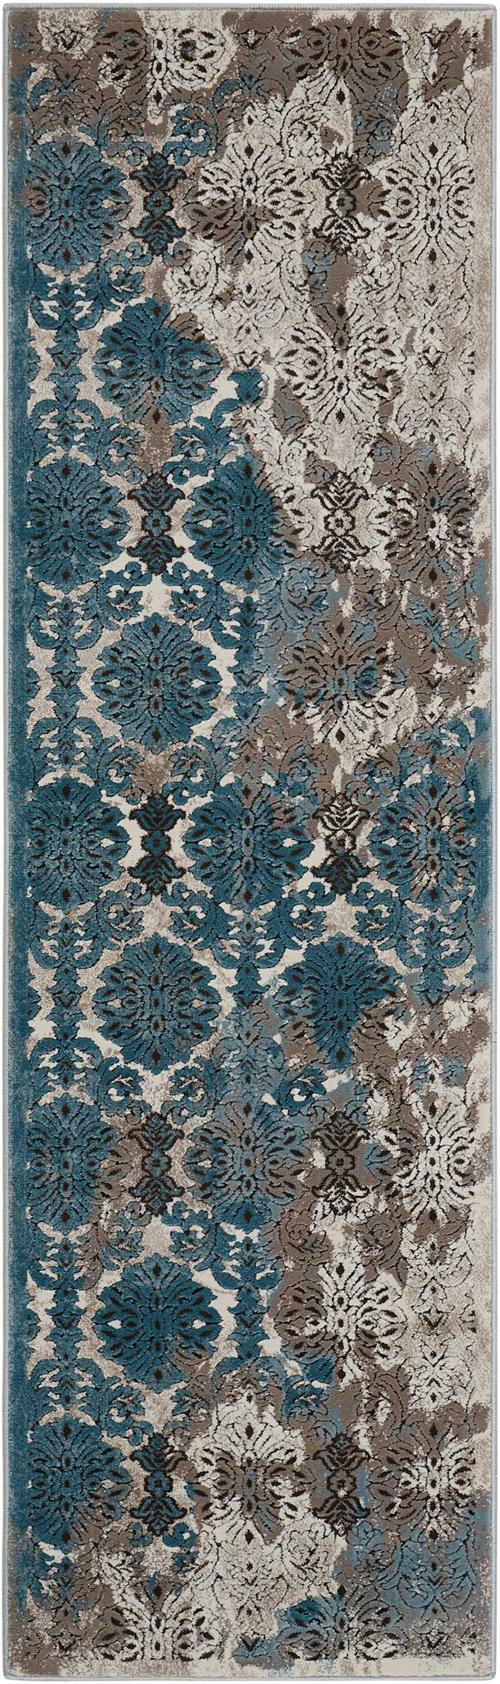 Nourison KARMA KRM05 IVORY BLUE